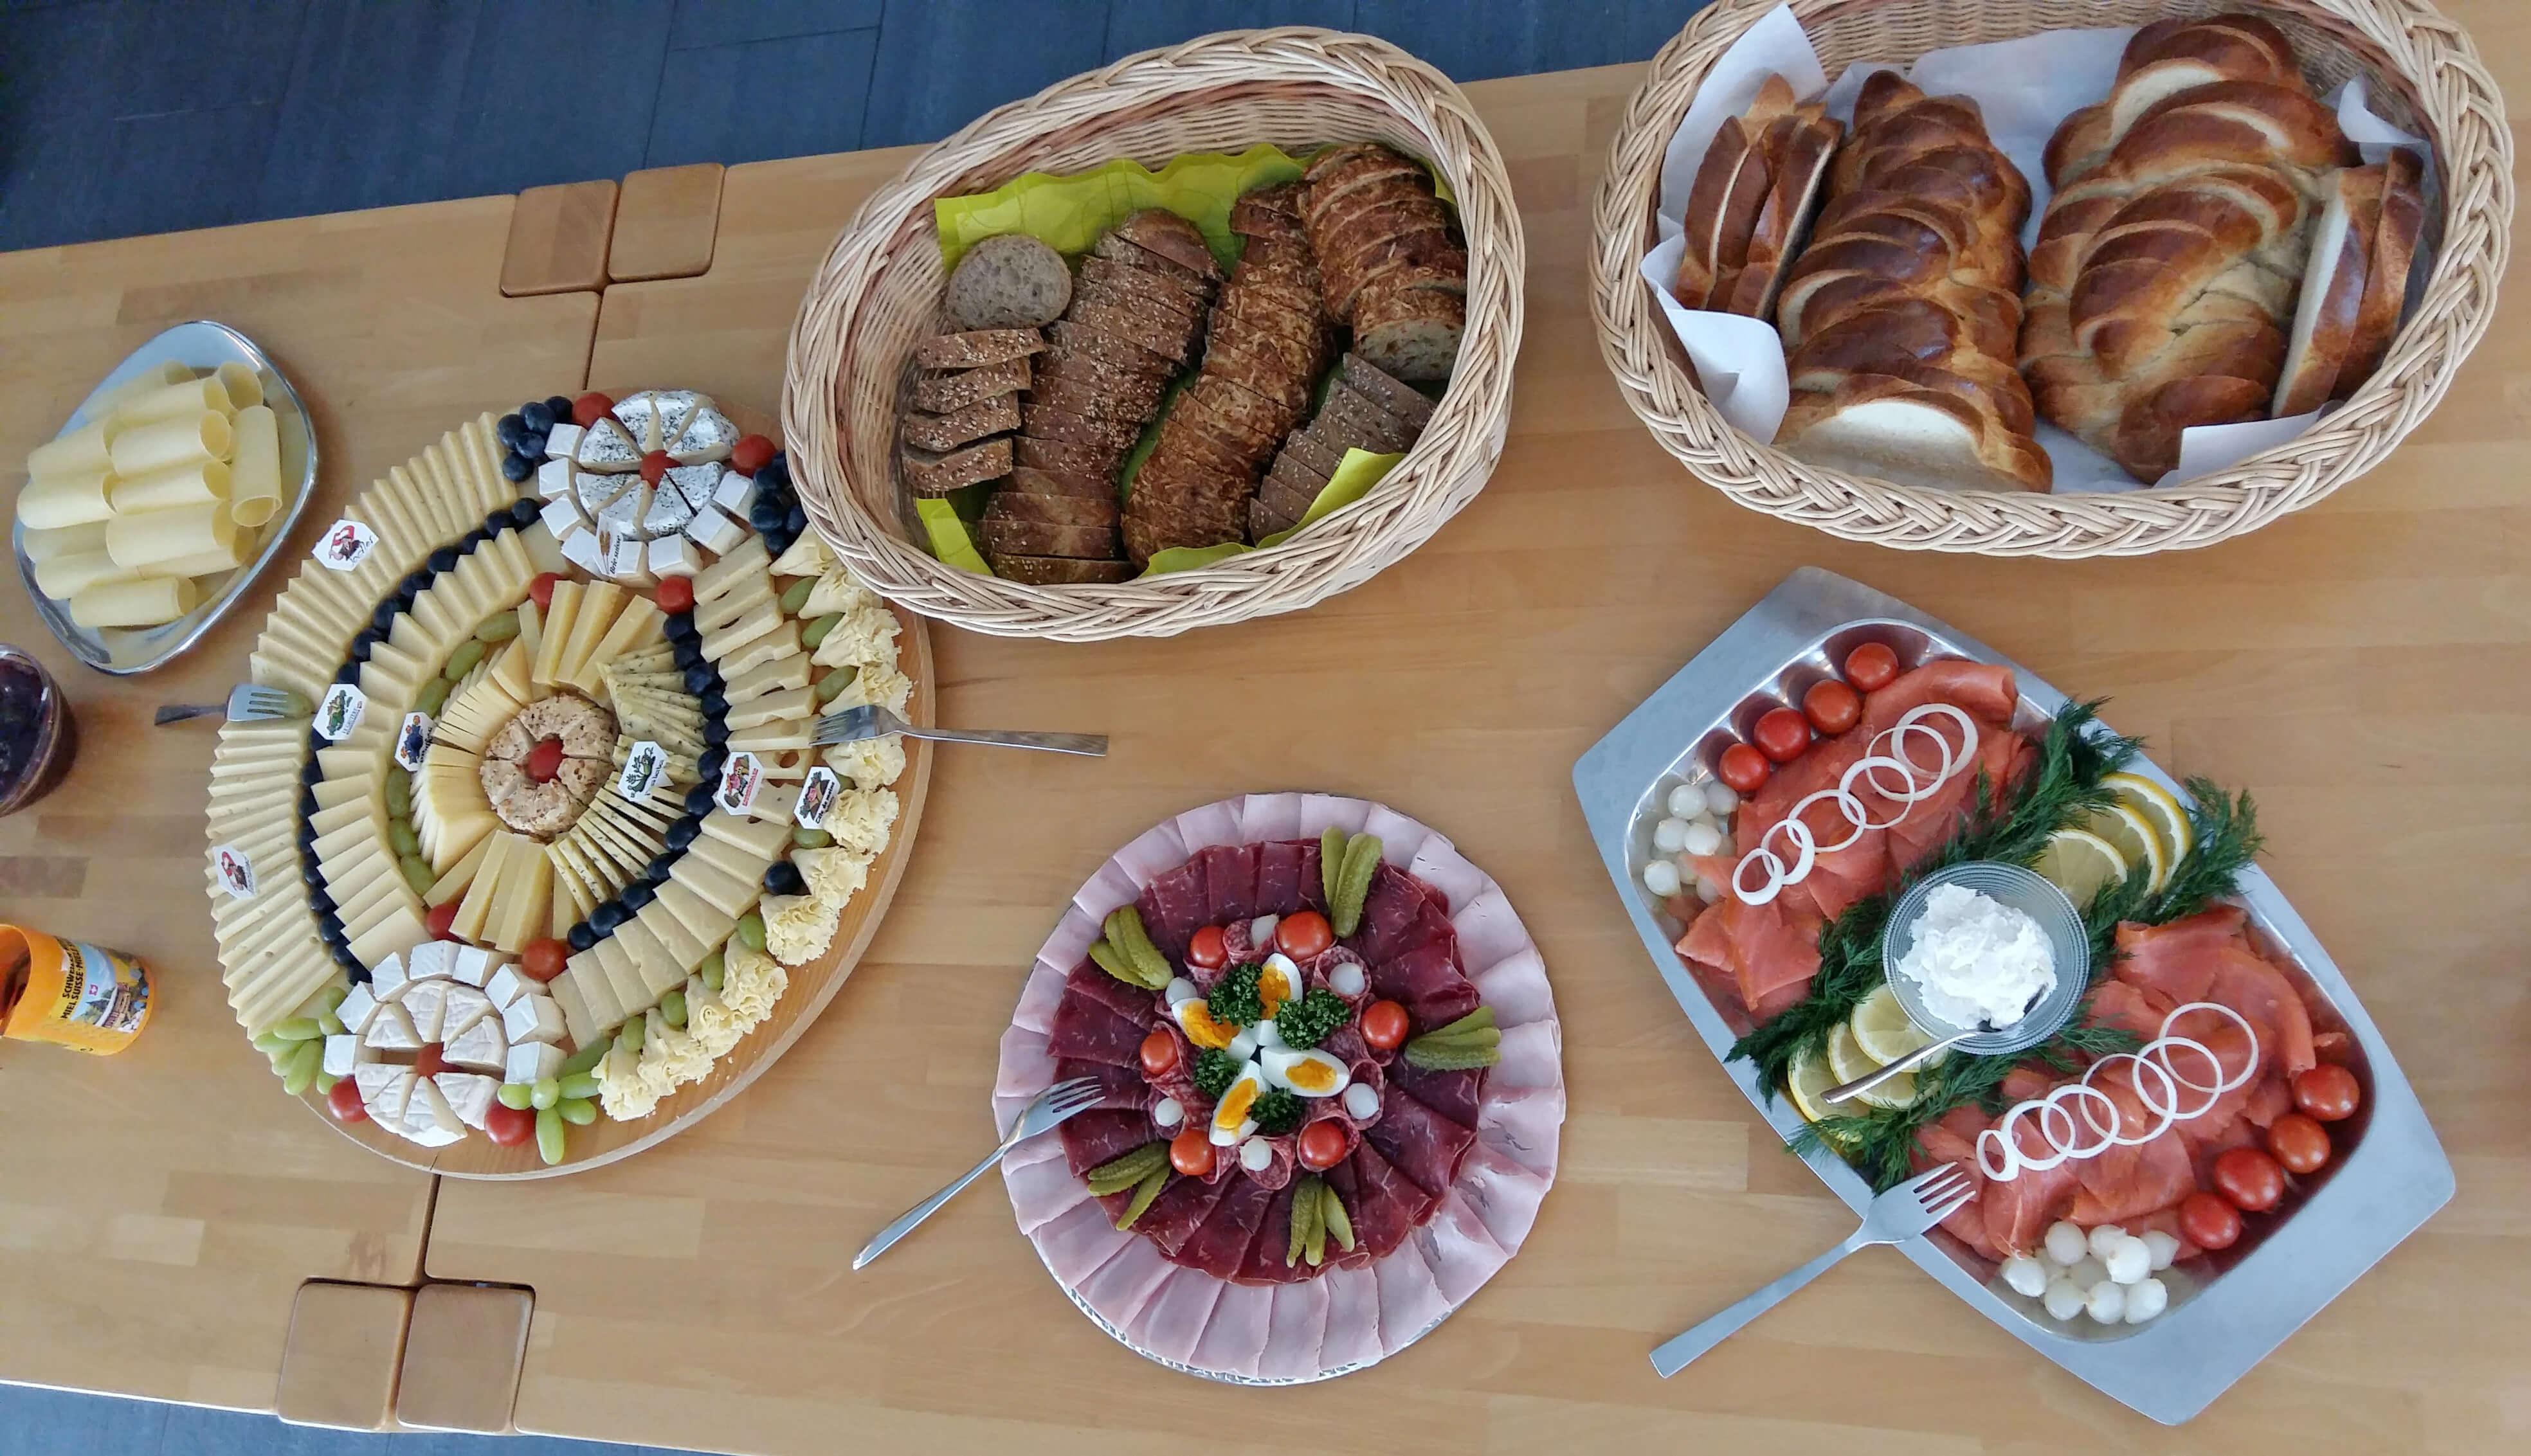 Restaurant Eggmatte Buffet Frühstück Zopf